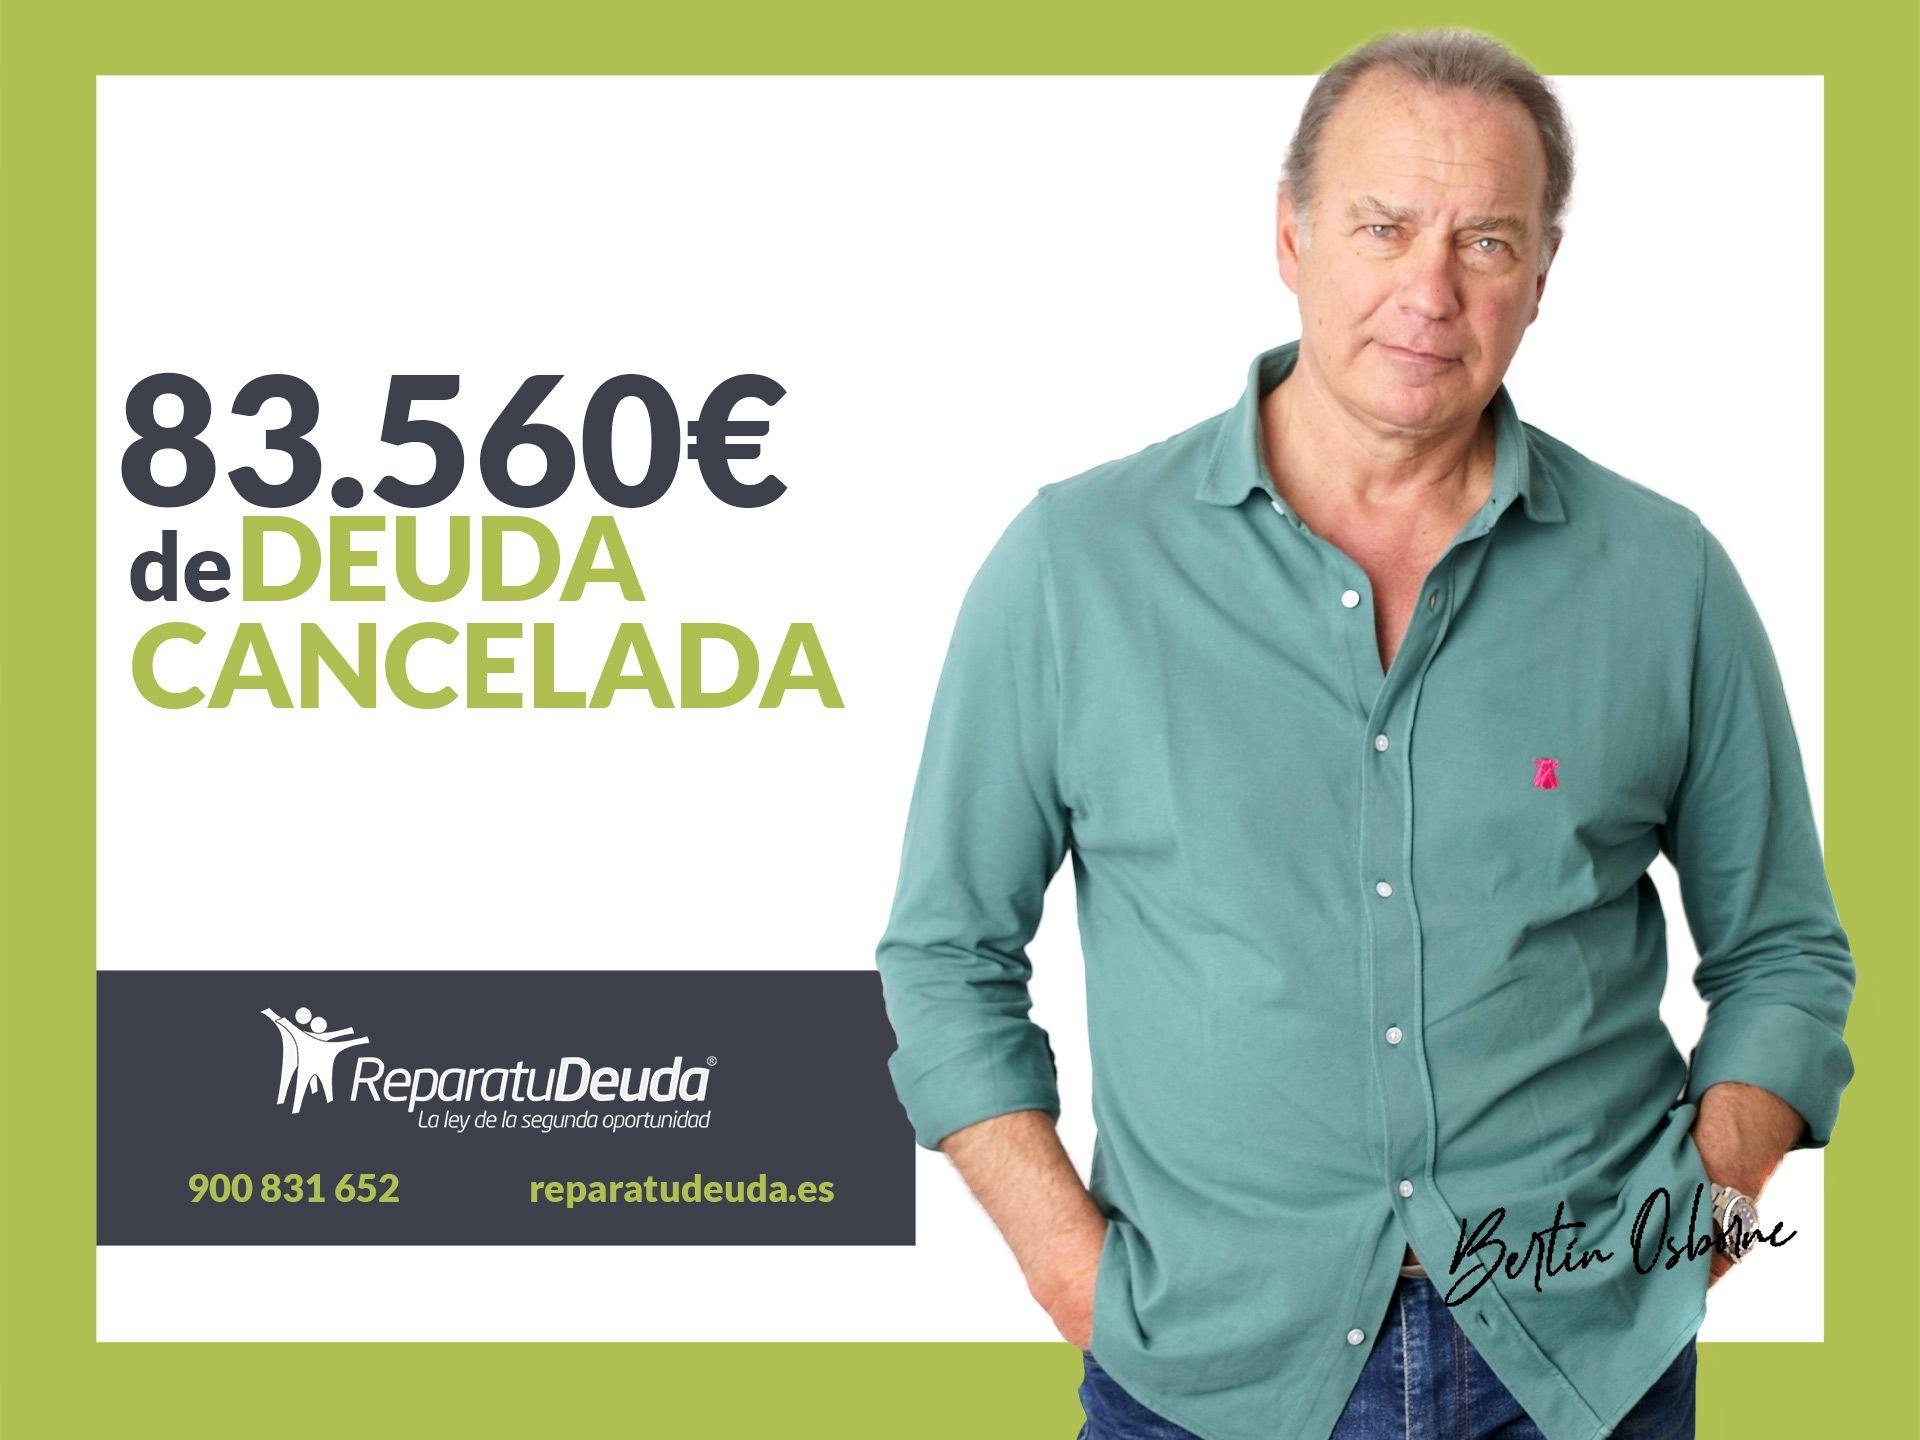 Repara tu Deuda Abogados cancela 83.560 € en Vigo (Pontevedra) con la Ley de Segunda Oportunidad